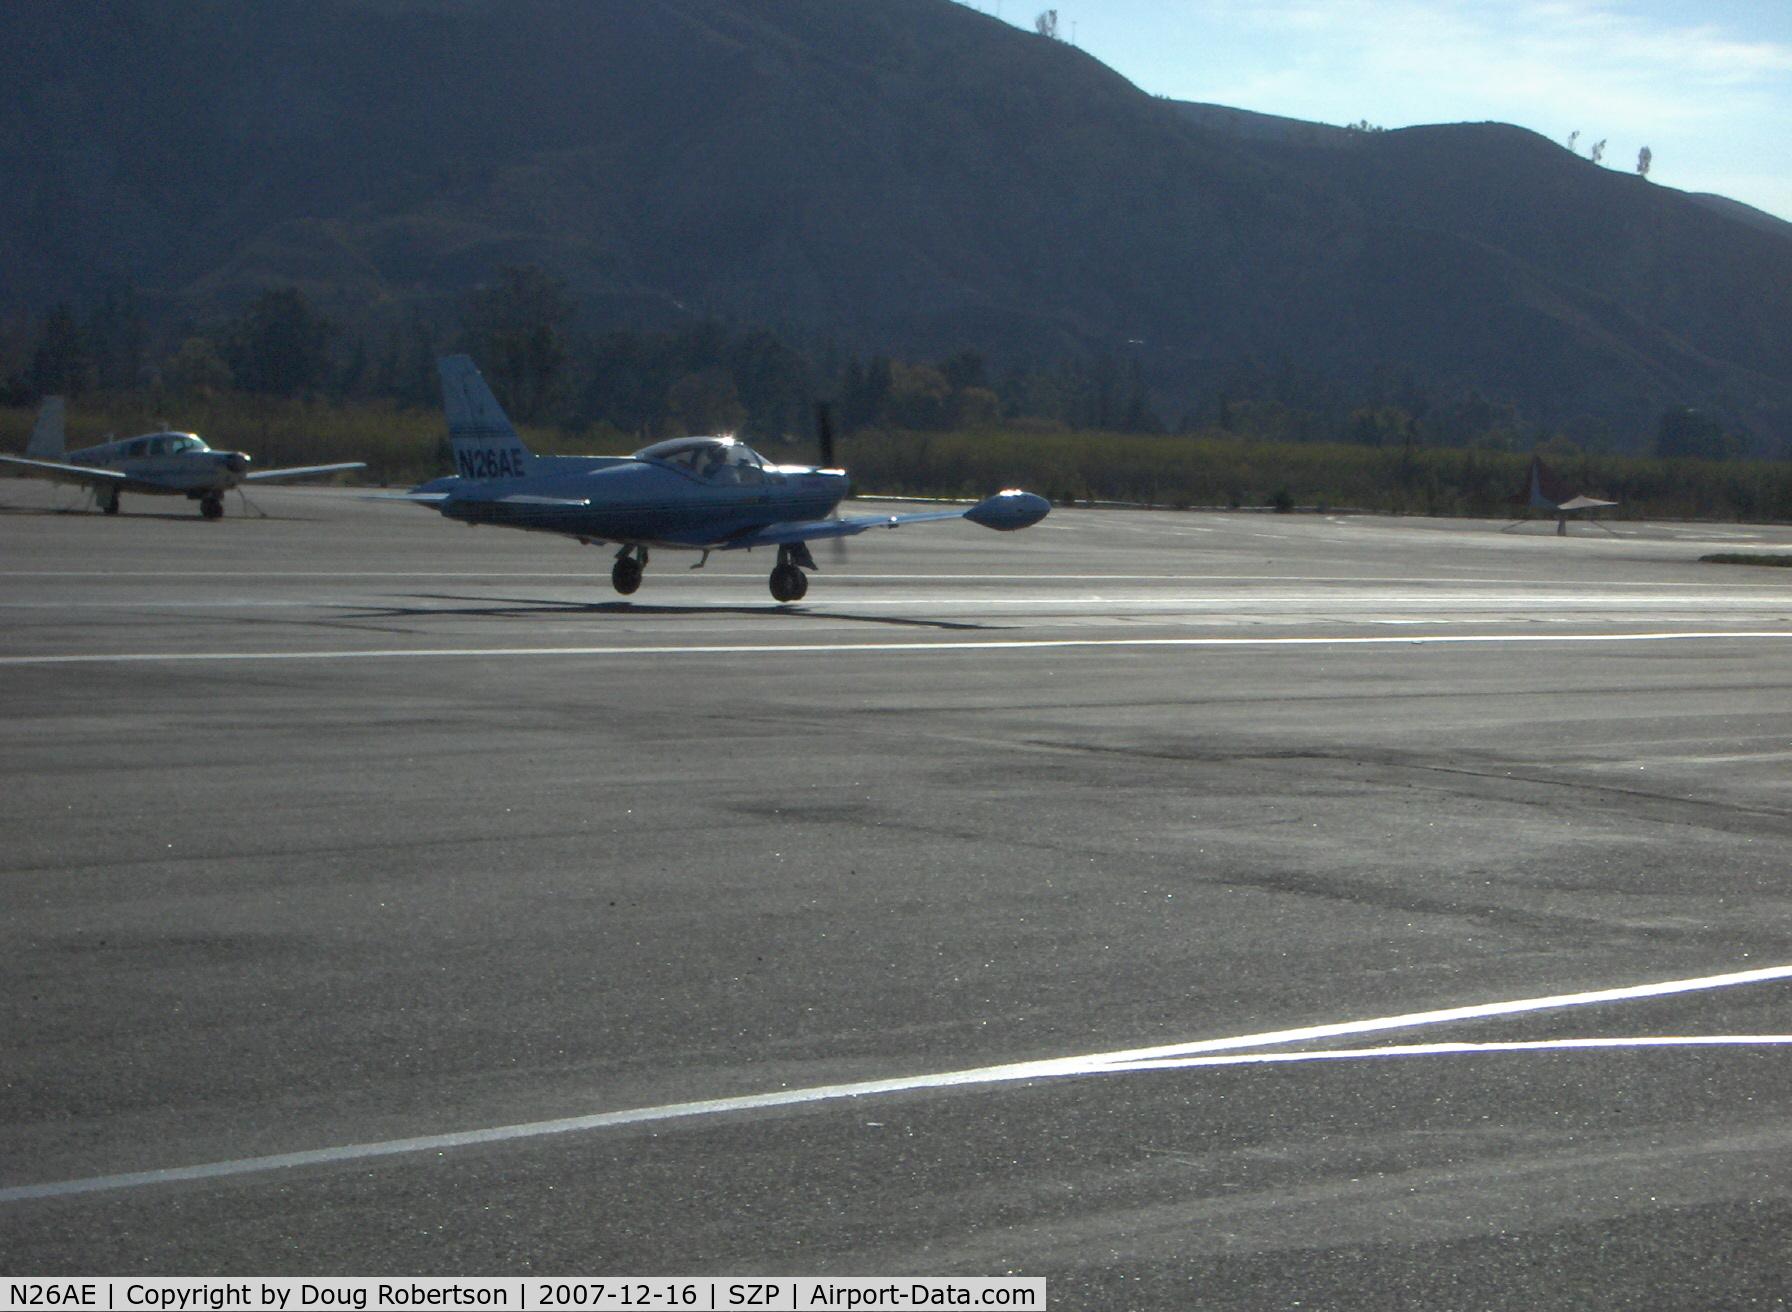 N26AE, 1976 SIAI-Marchetti SF-260B C/N 230/21-06, 1976 Siai-Marchetti SF.260B, Lycoming O-540-E4A5 260 Hp, taxi to Rwy 22